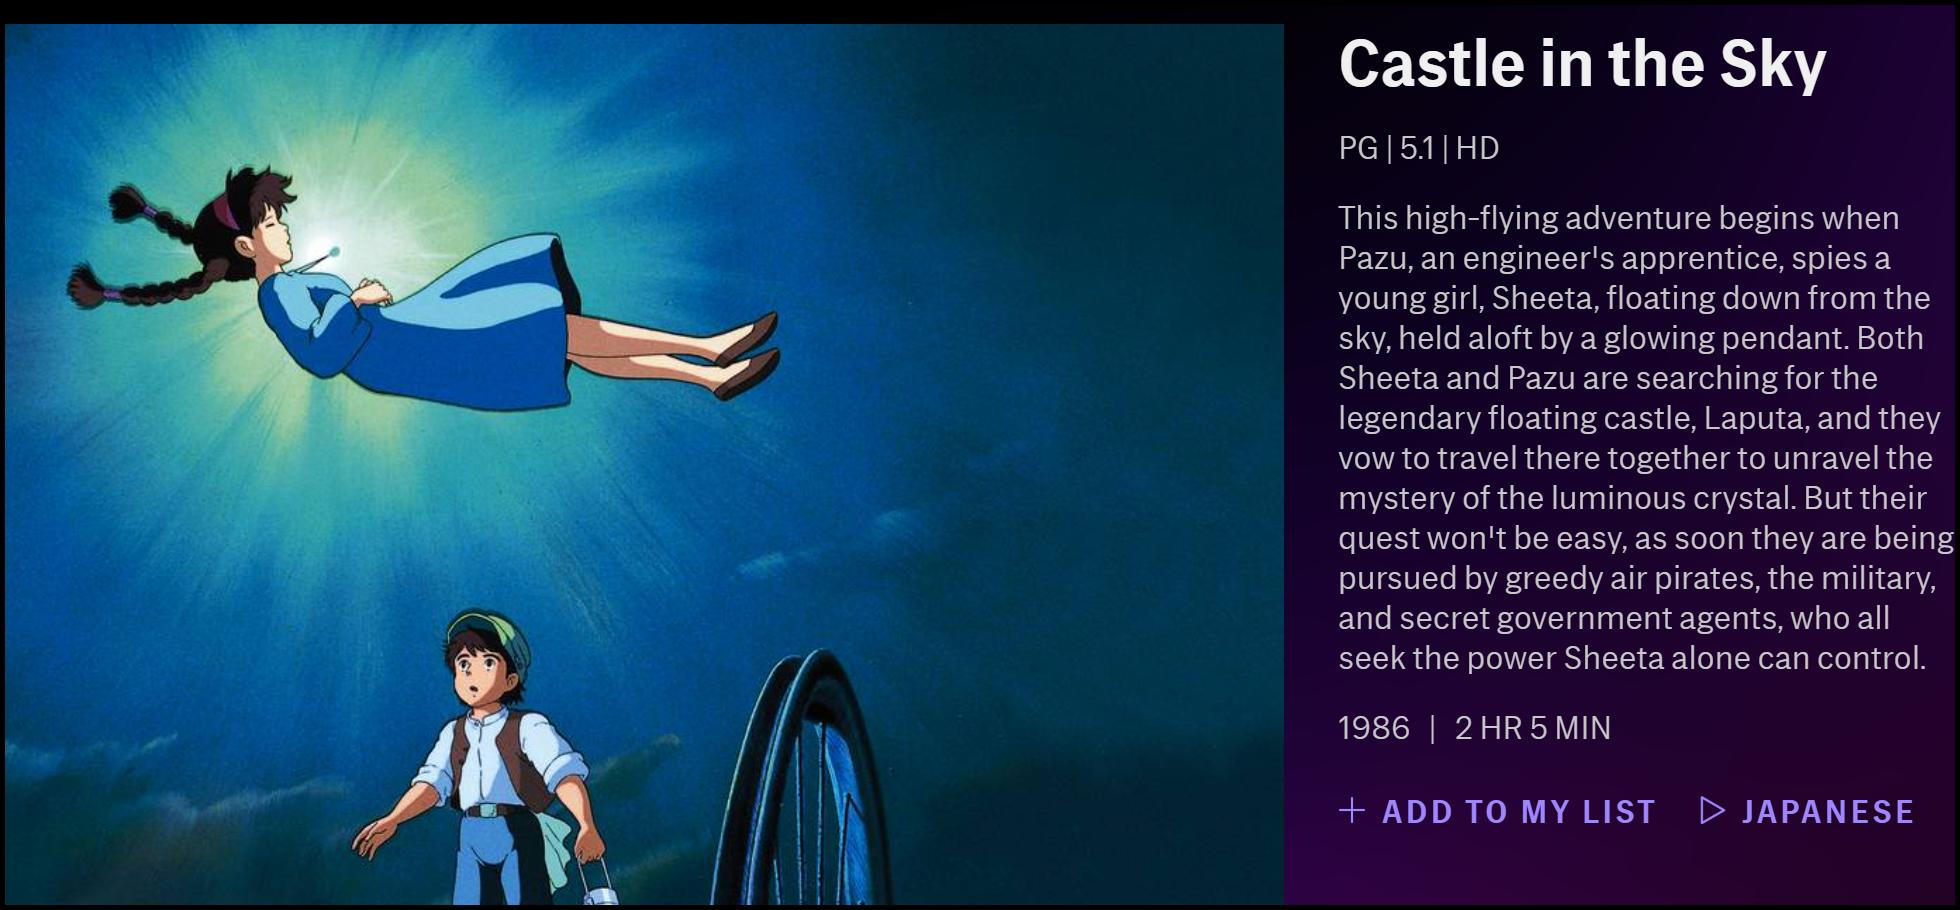 """La description de """"Castle in the Sky"""" sur HBO Max."""